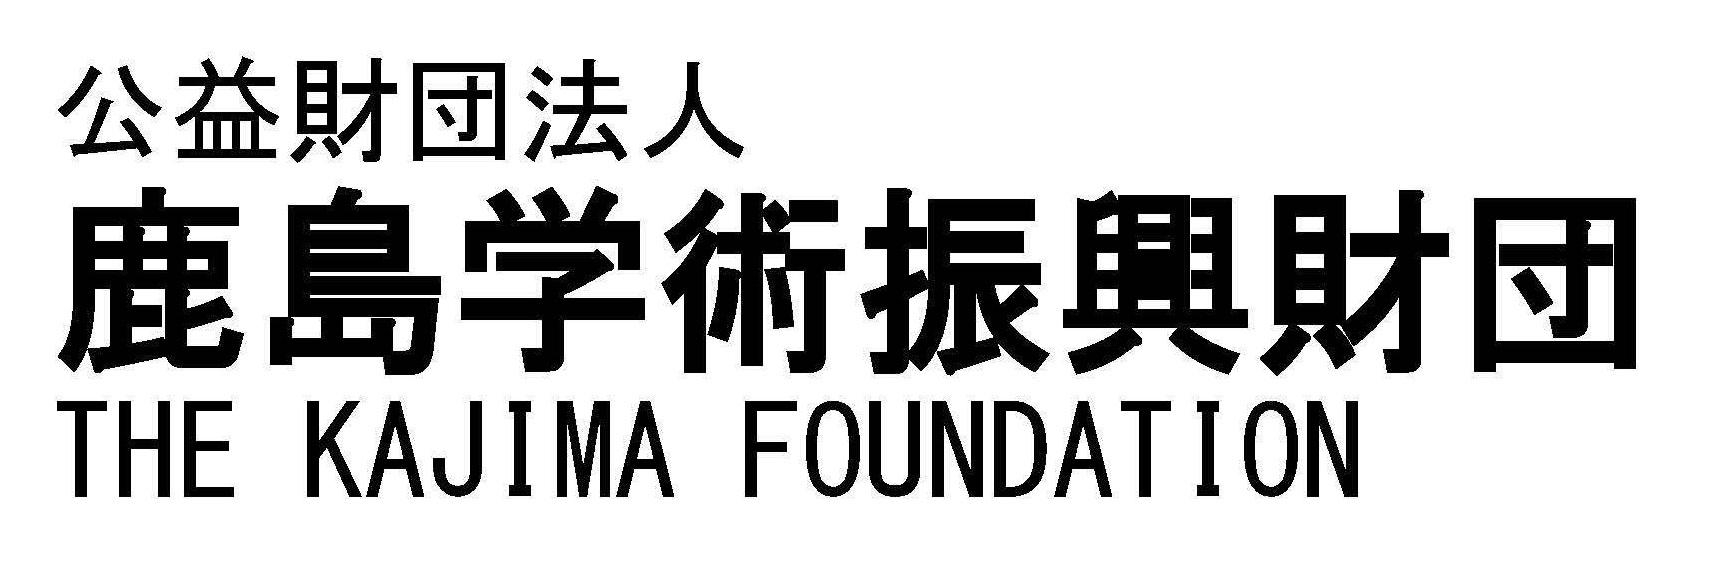 Kajima Foundation